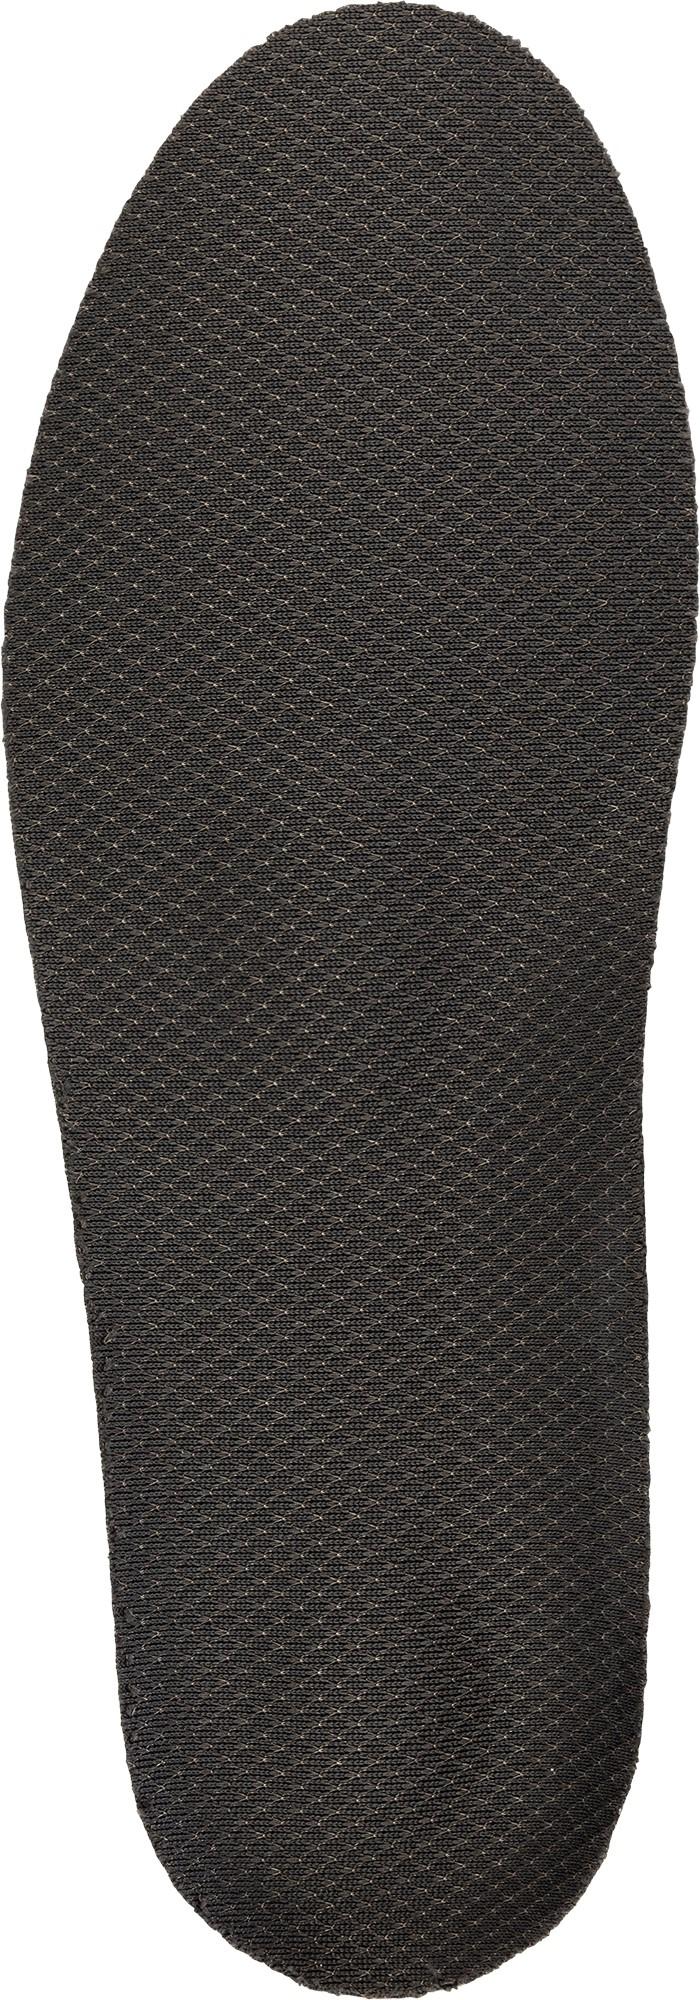 Woly Стельки анатомические летние с нитями серебра Woly Sport, размер 40 цены